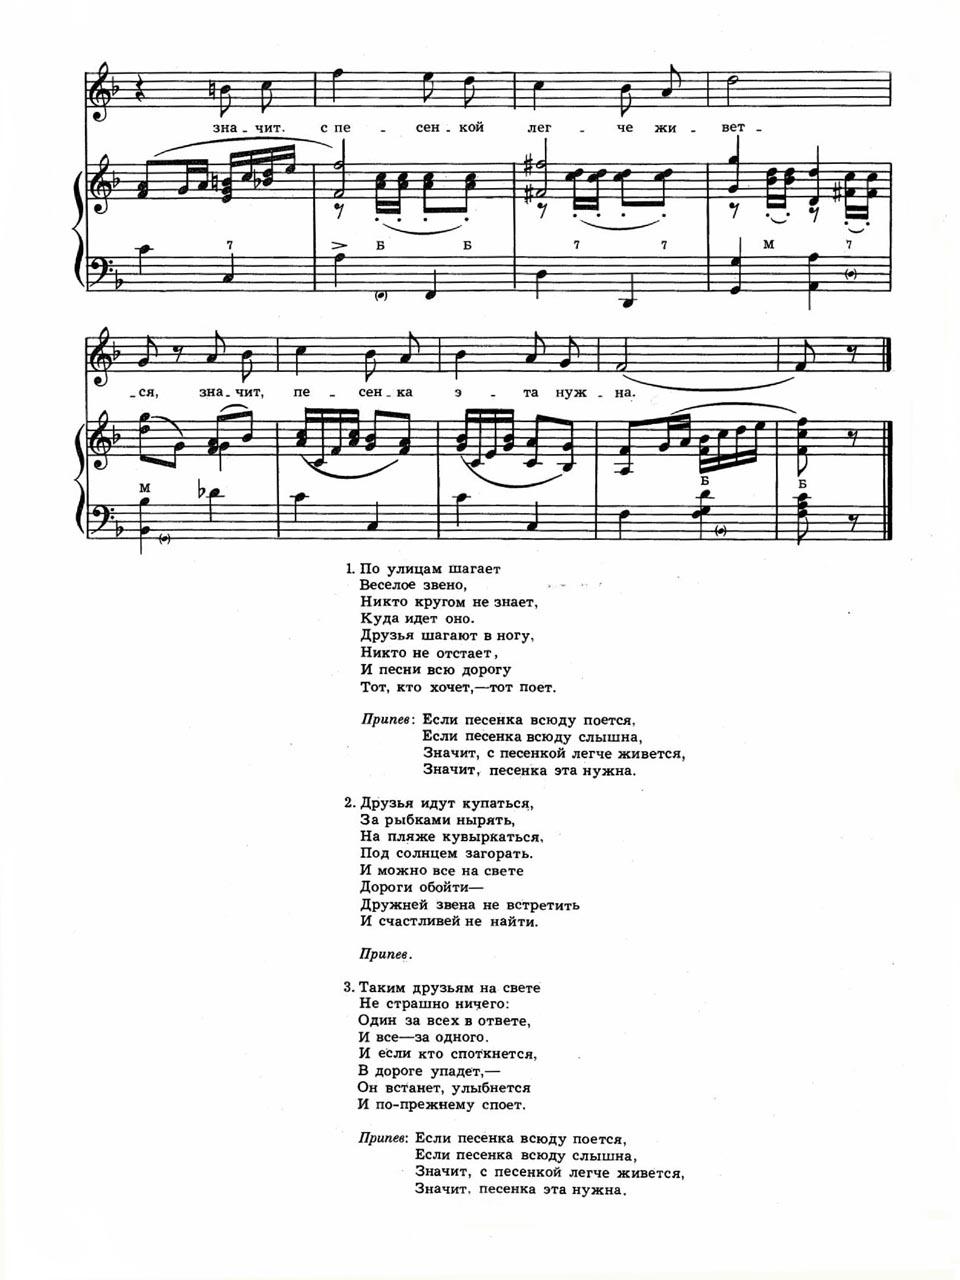 М. Блантер, С. Михалков. Весёлое звено. Ноты для голоса в сопровождении фортепиано (баяна)